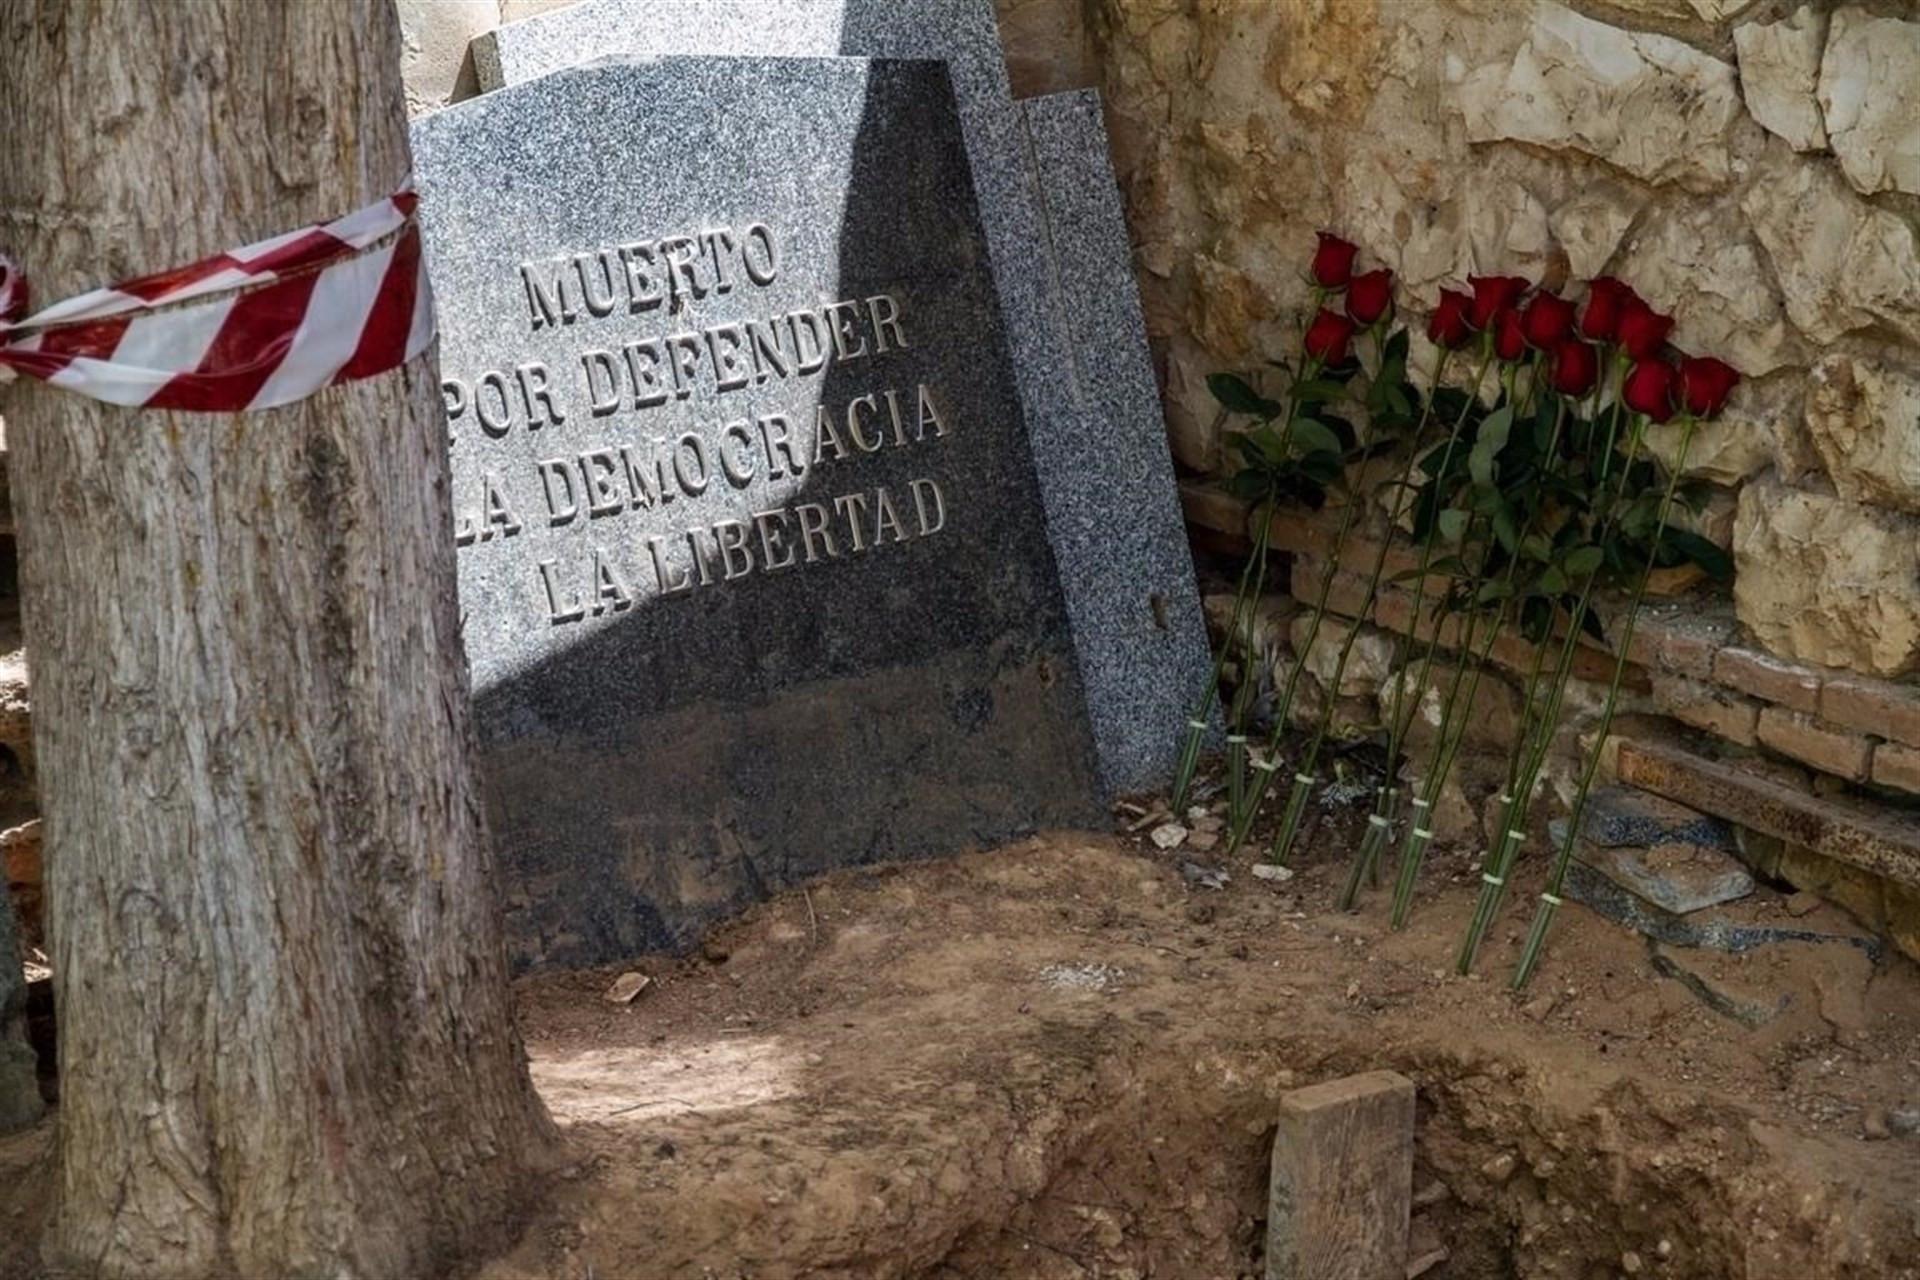 Exhumacionenuncementerio